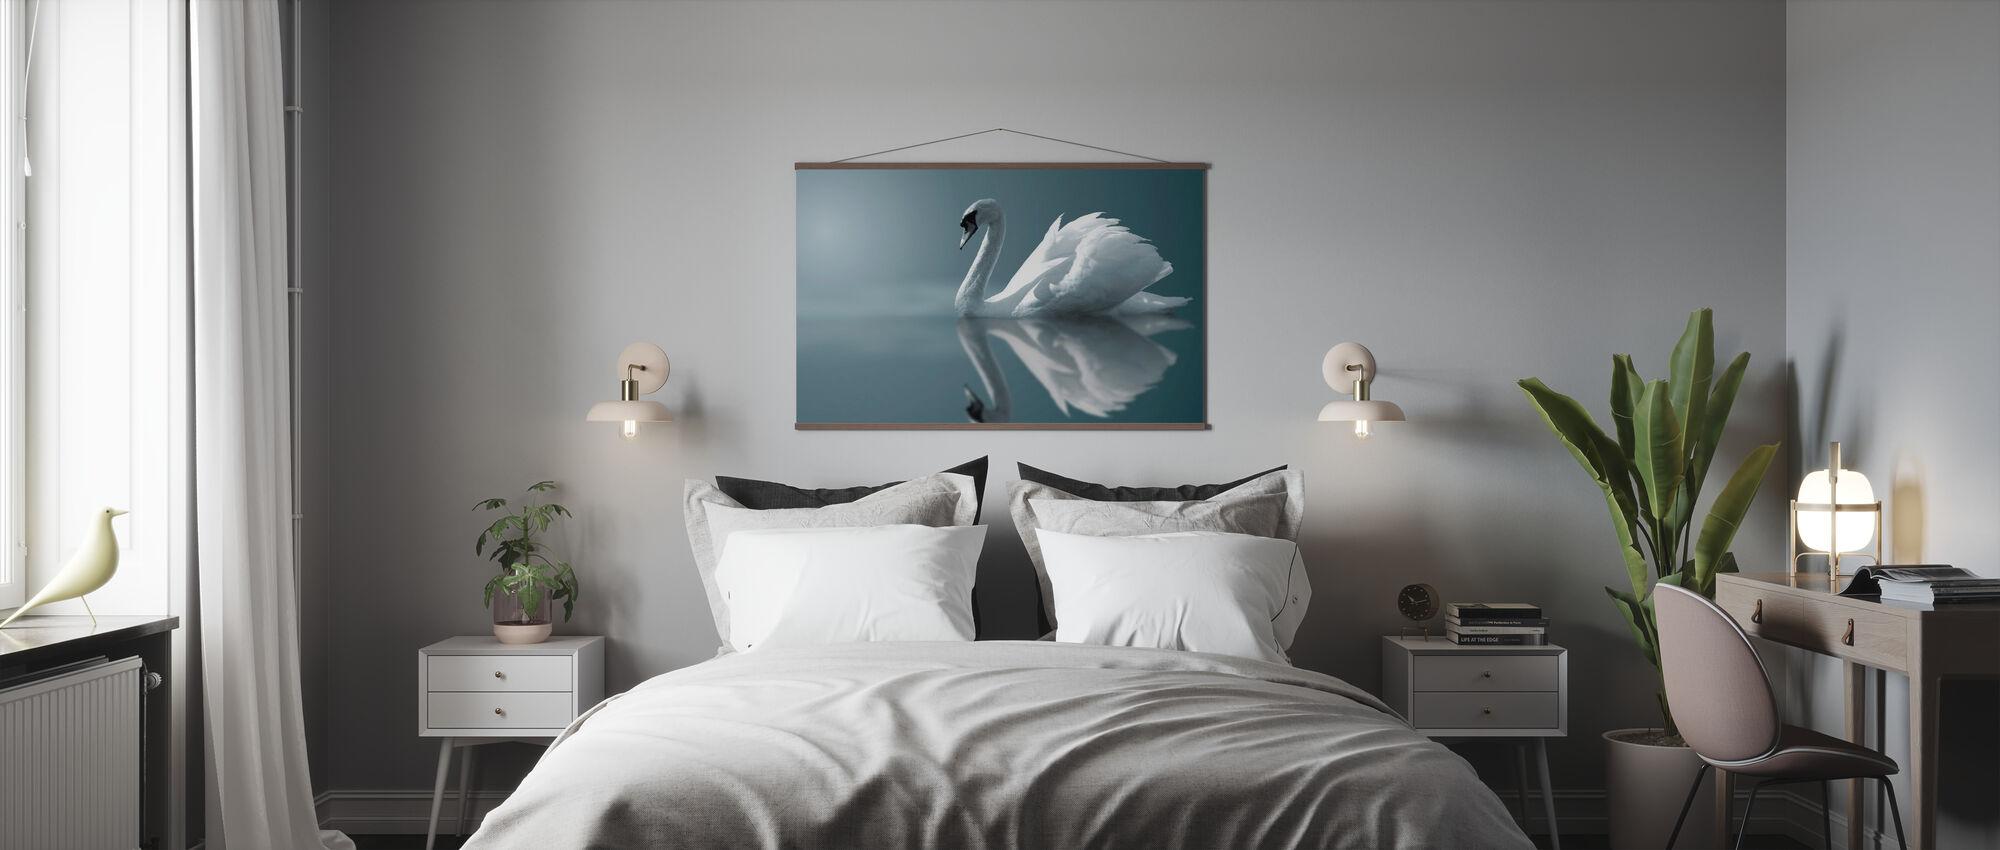 Schwan Reflexion - Poster - Schlafzimmer